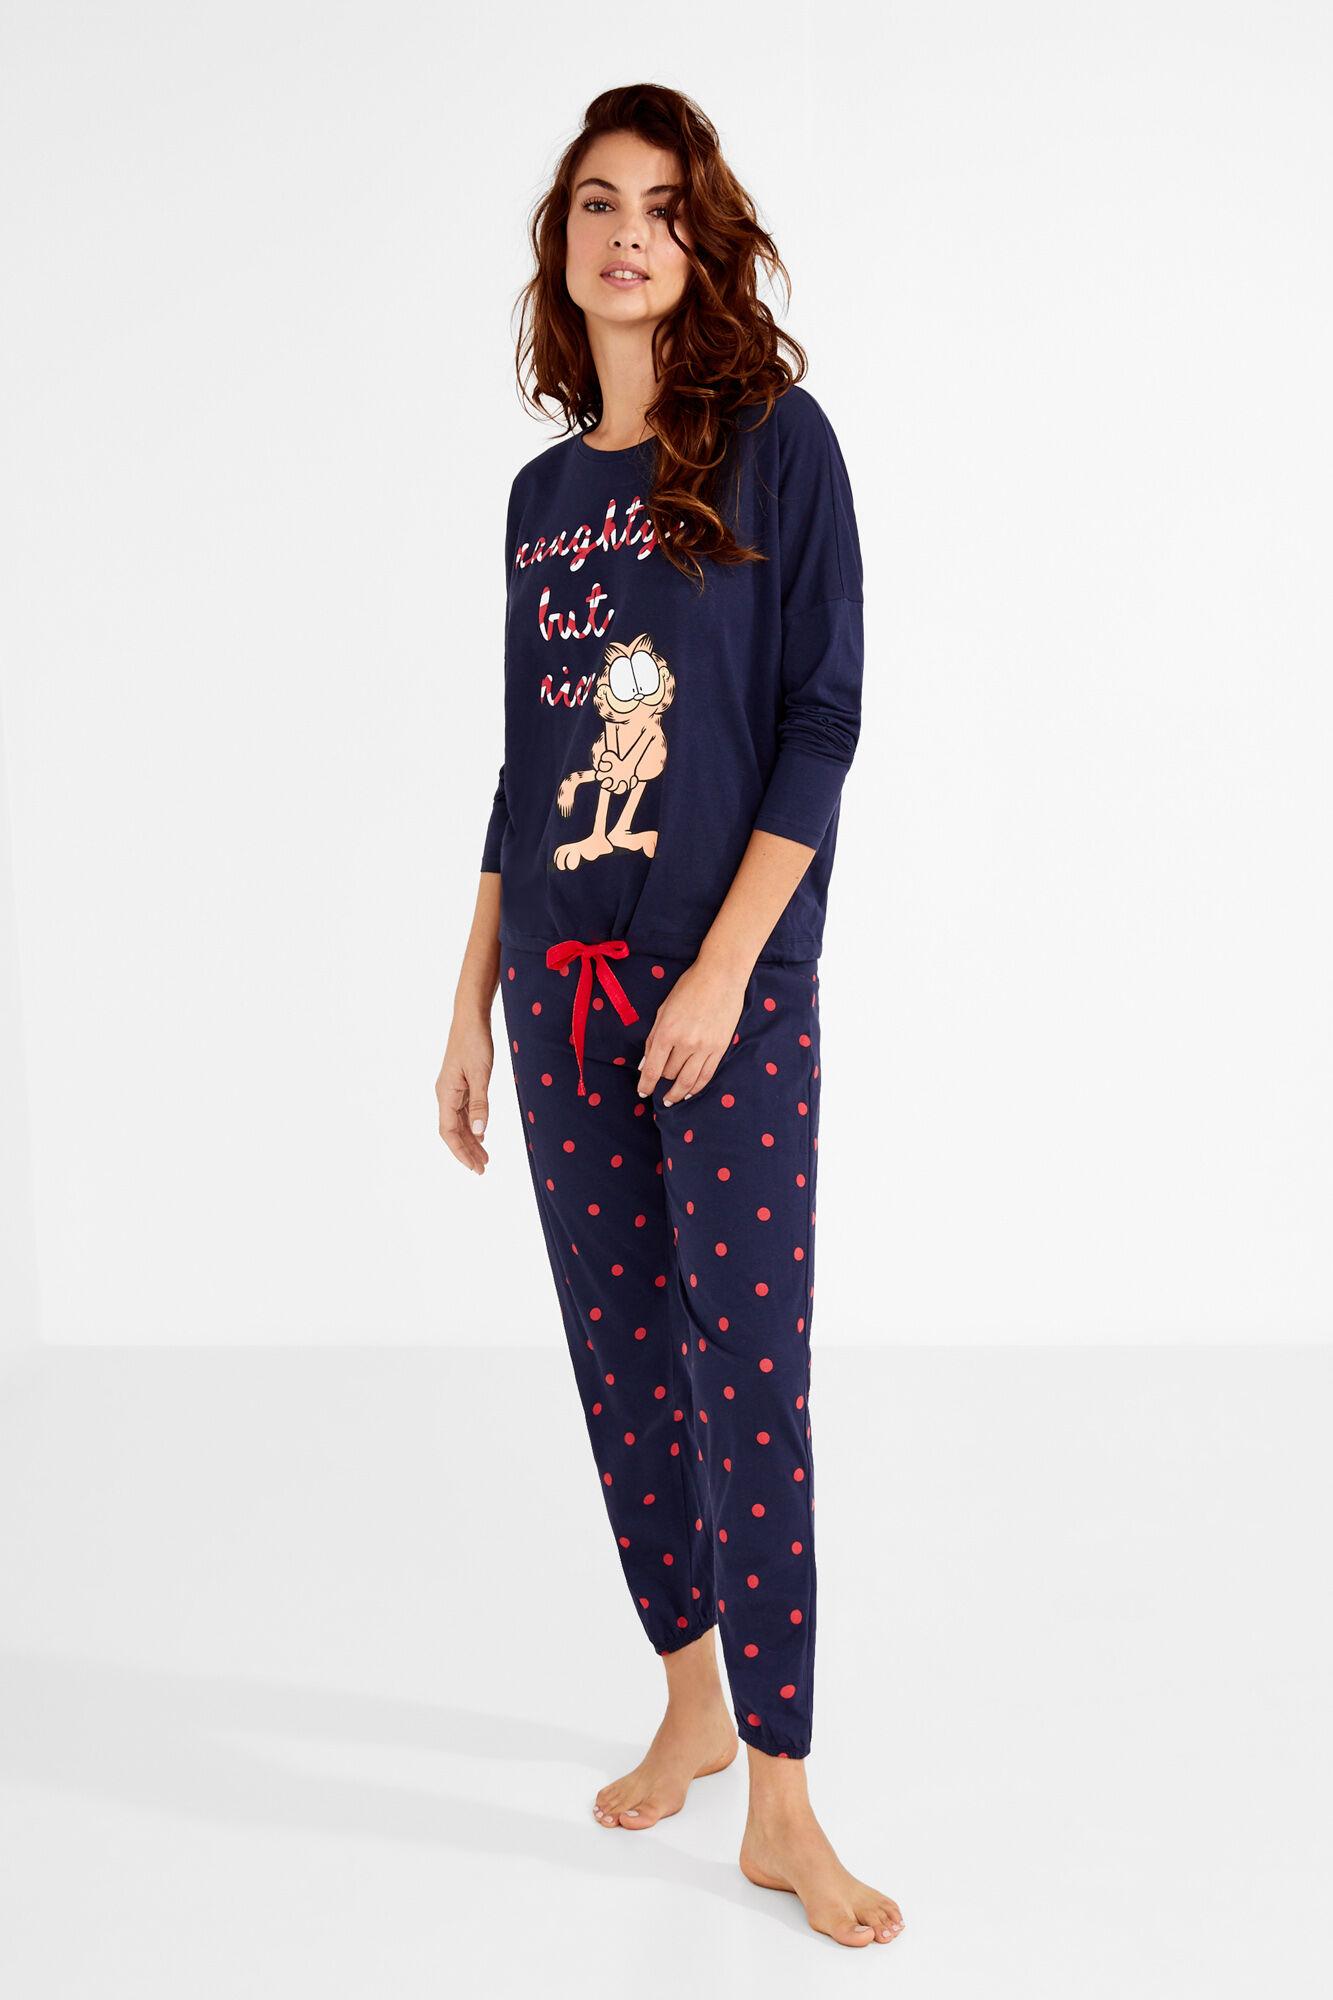 5bfb0a059e largo Pijama Garfield algodón largo algodón Pijama awHUxq15